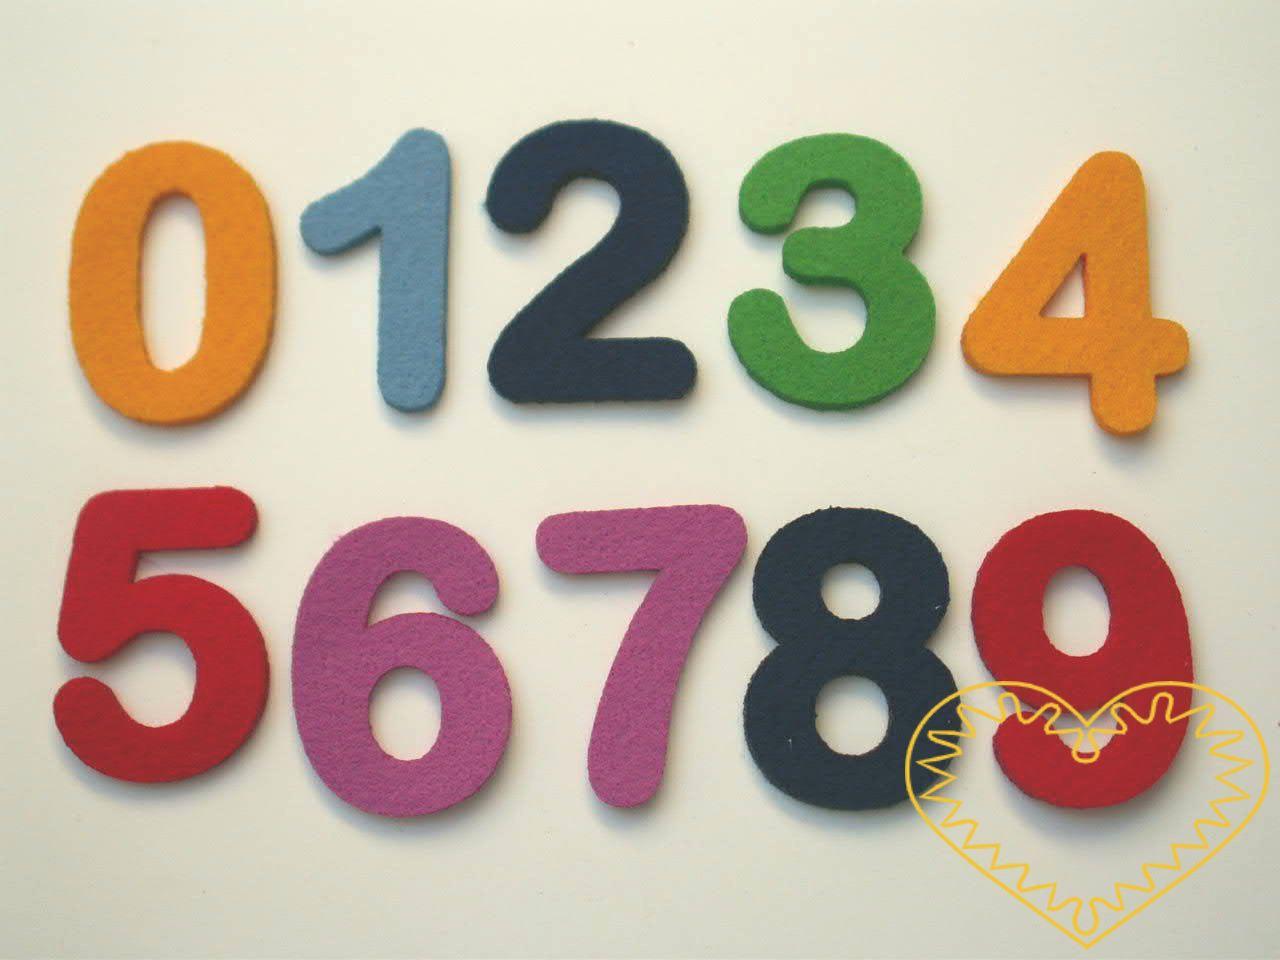 Barevné číslice z plsti ø 2 cm - 10 ks. Balení obsahuje po 1 kuse od každé číslice: 1, 2, 3, 4, 5, 6, 7, 8, 9, 0. Jedná se o náhodný mix barev. Kreativní materiál pro nejrůznější tvoření doma i ve škole.